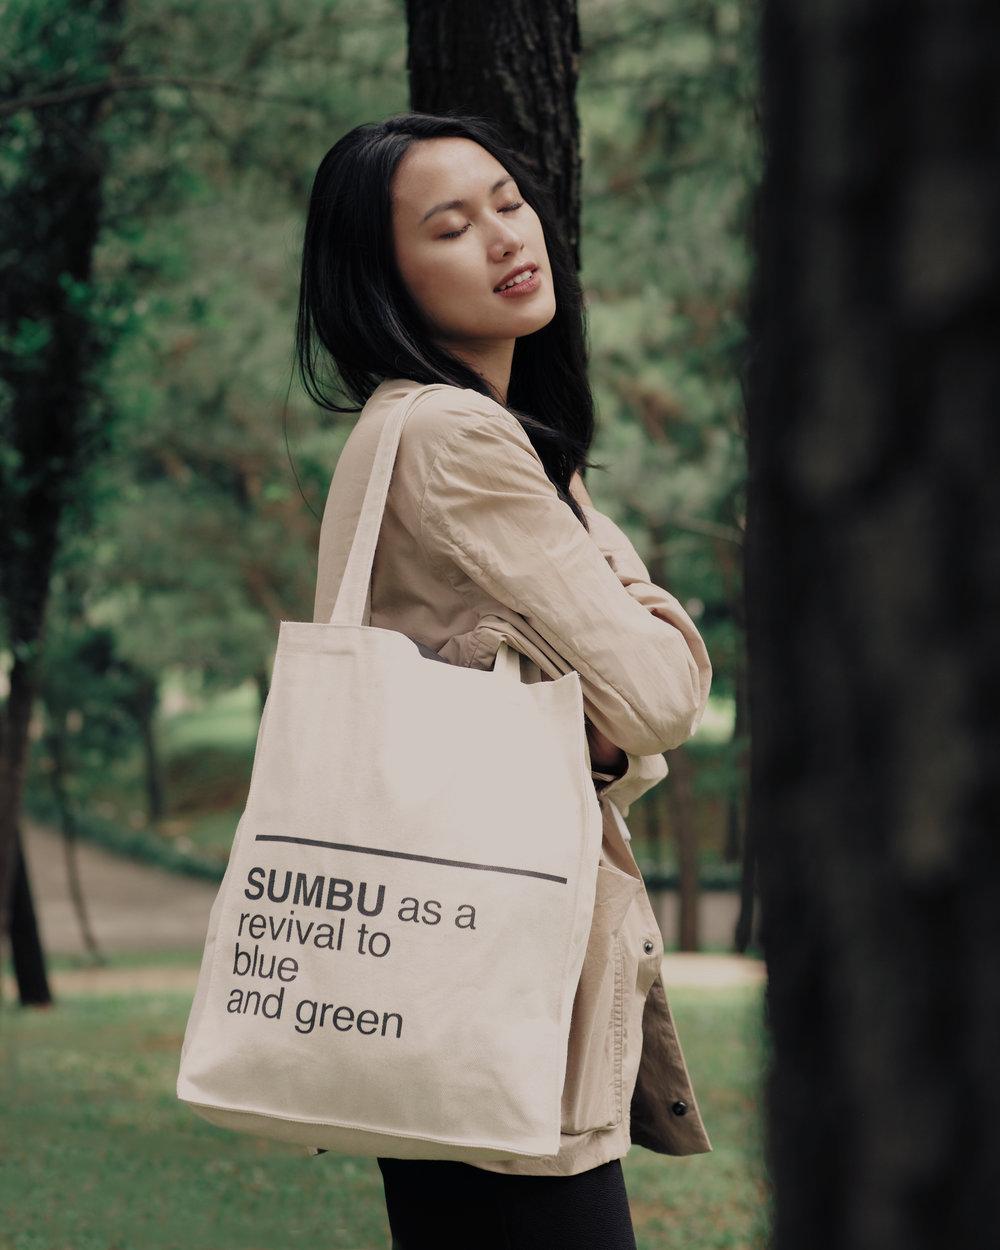 sumbu official